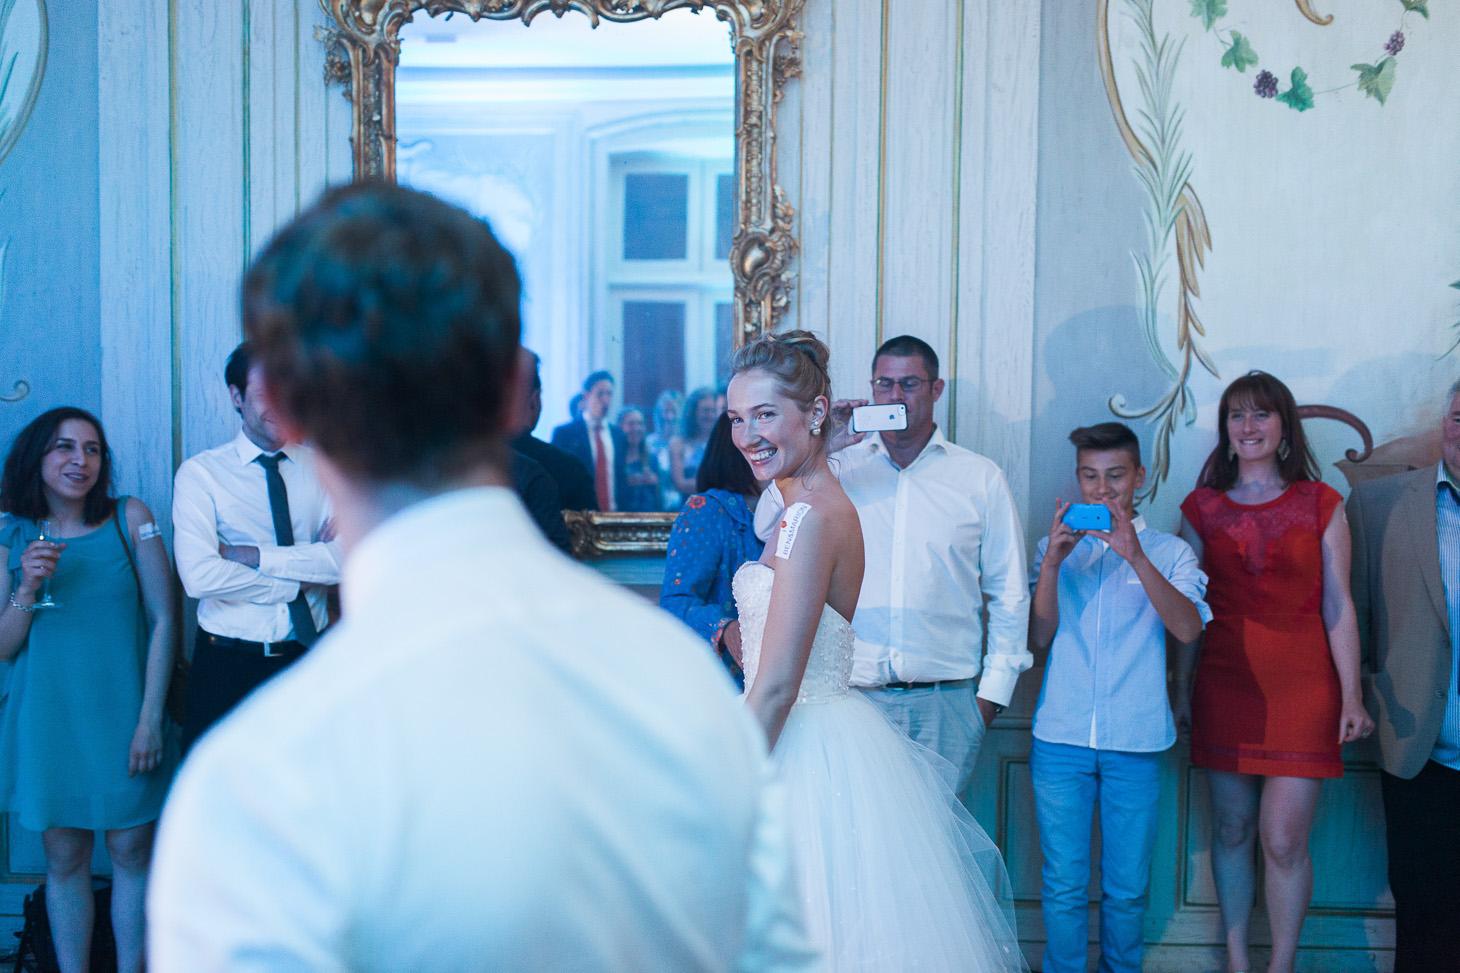 bourgogne_wedding_photographer_chateau_pommard-126